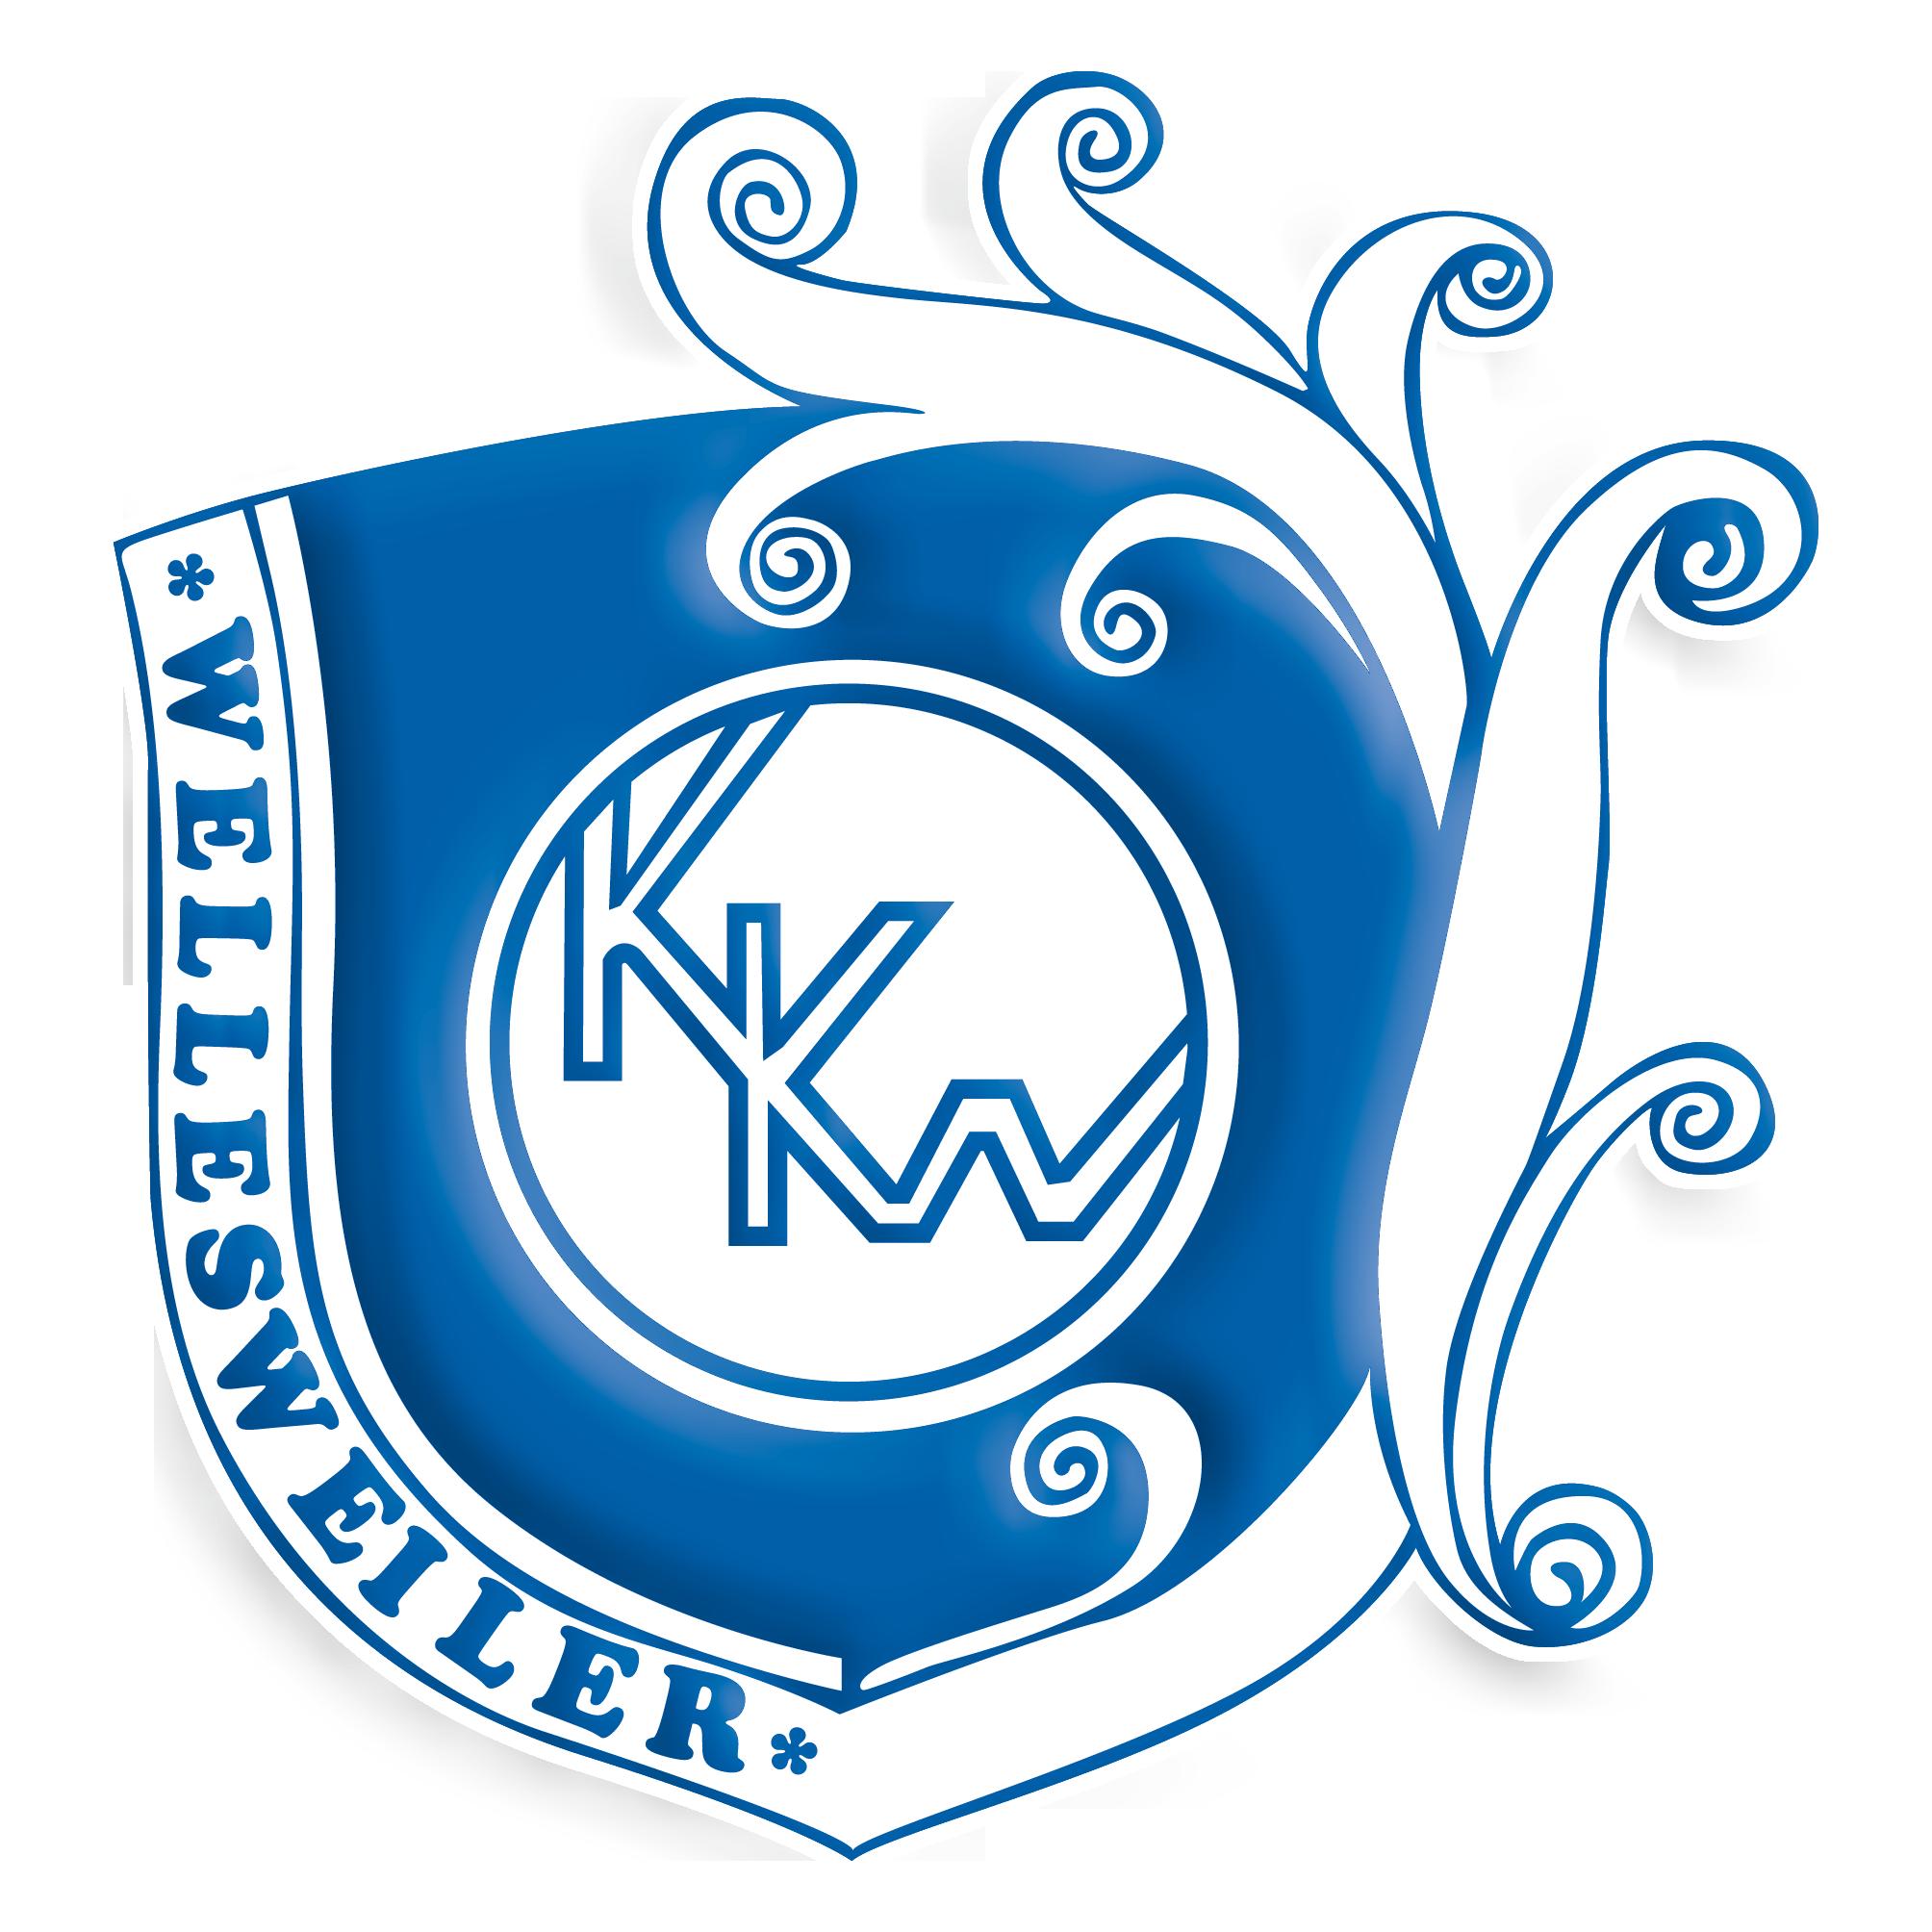 Karnevals- und Kulturverein Wellesweiler